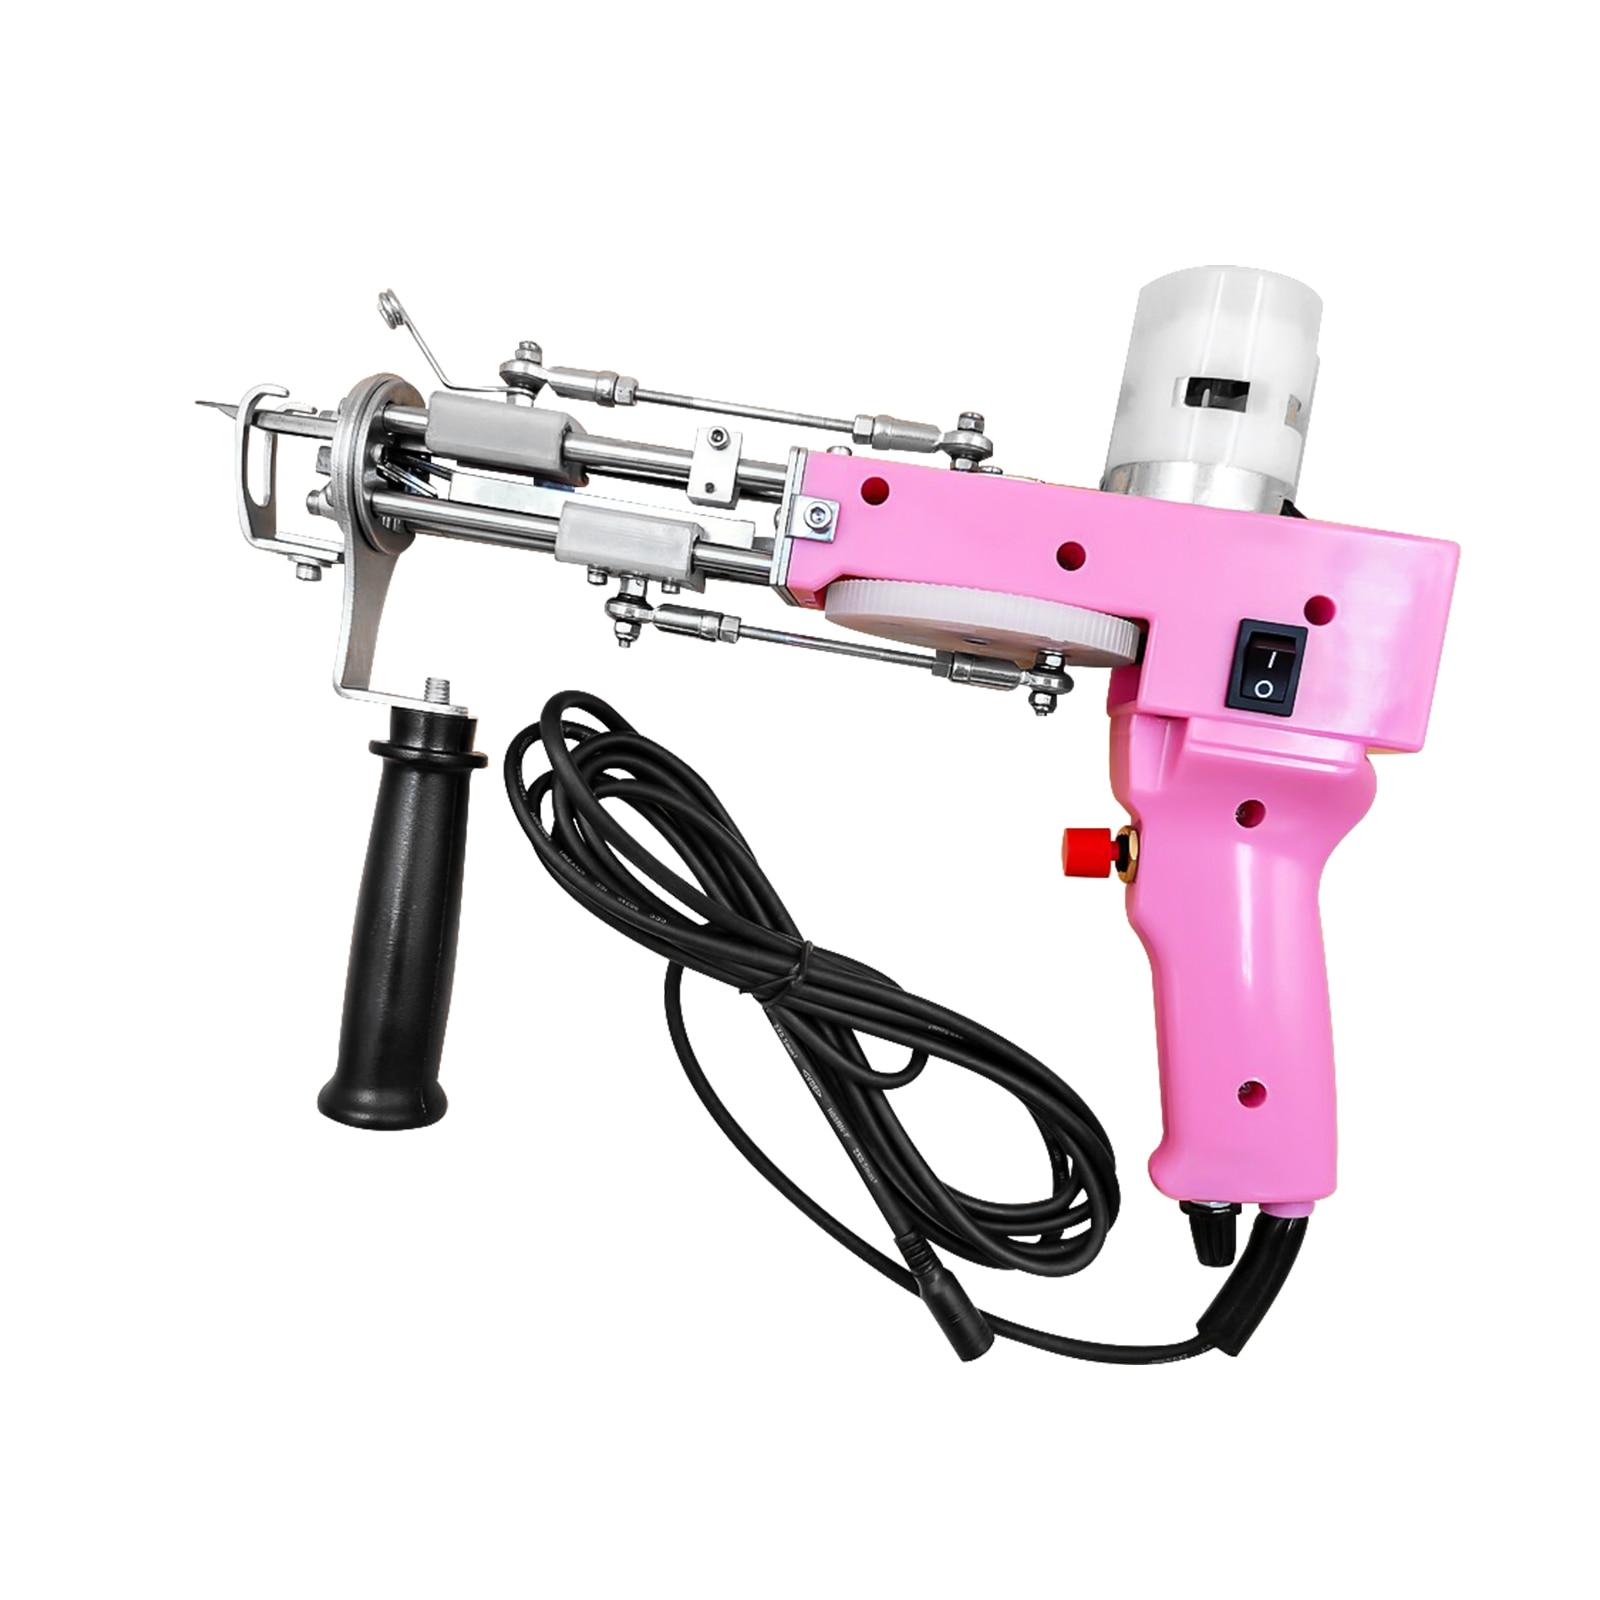 Pink Electric Carpet Tufting Gun Carpet Weaving Flocking Machine Industrial Embroidery Machine Loop Pile Knitting Machine enlarge